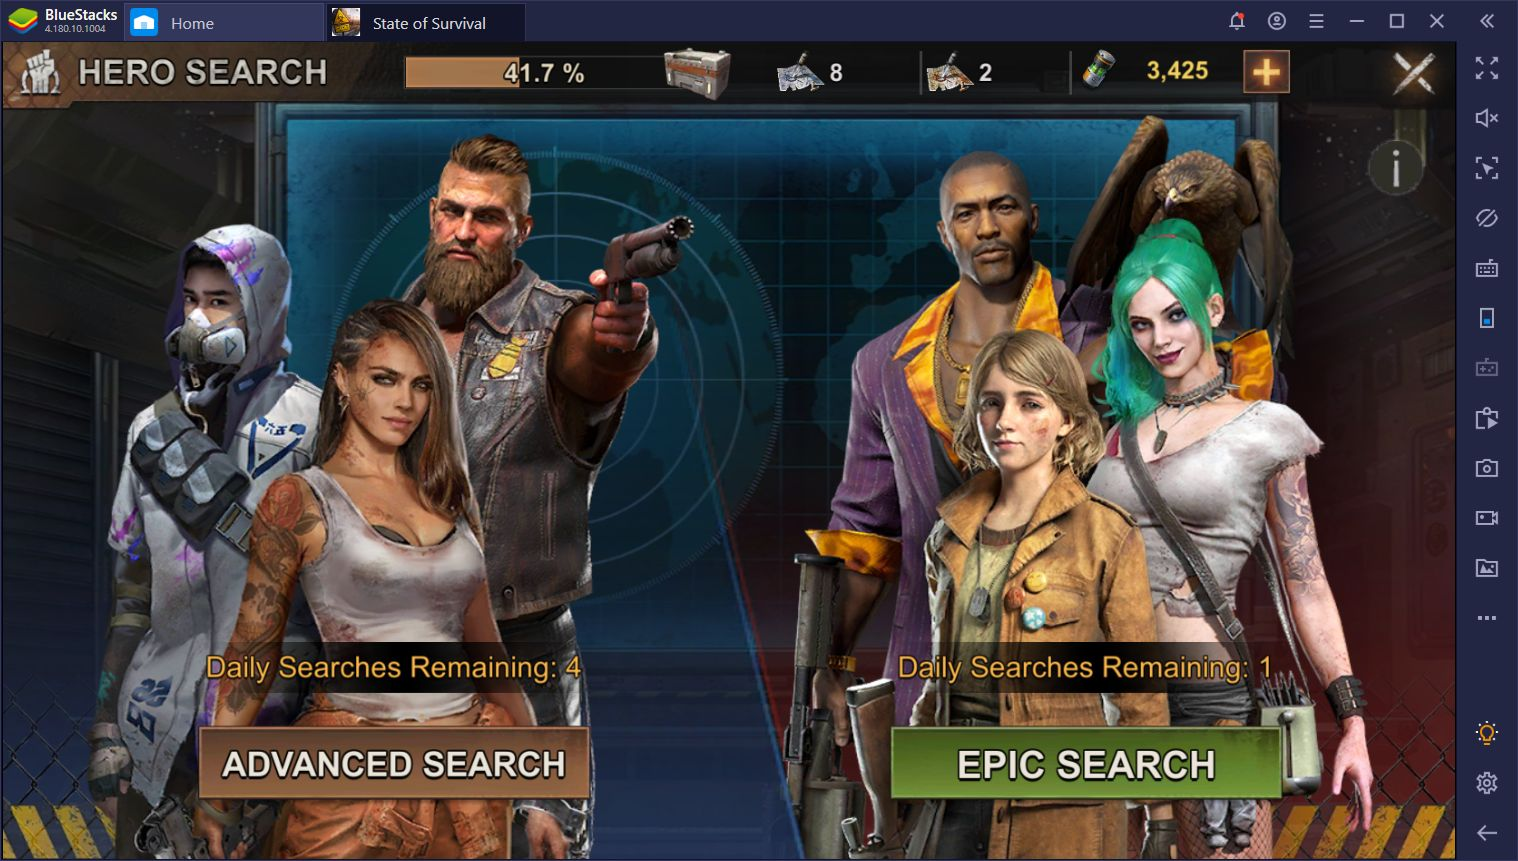 الأبطال في State of Survival على الكمبيوتر – دليل لأفضل الأبطال في اللعبة